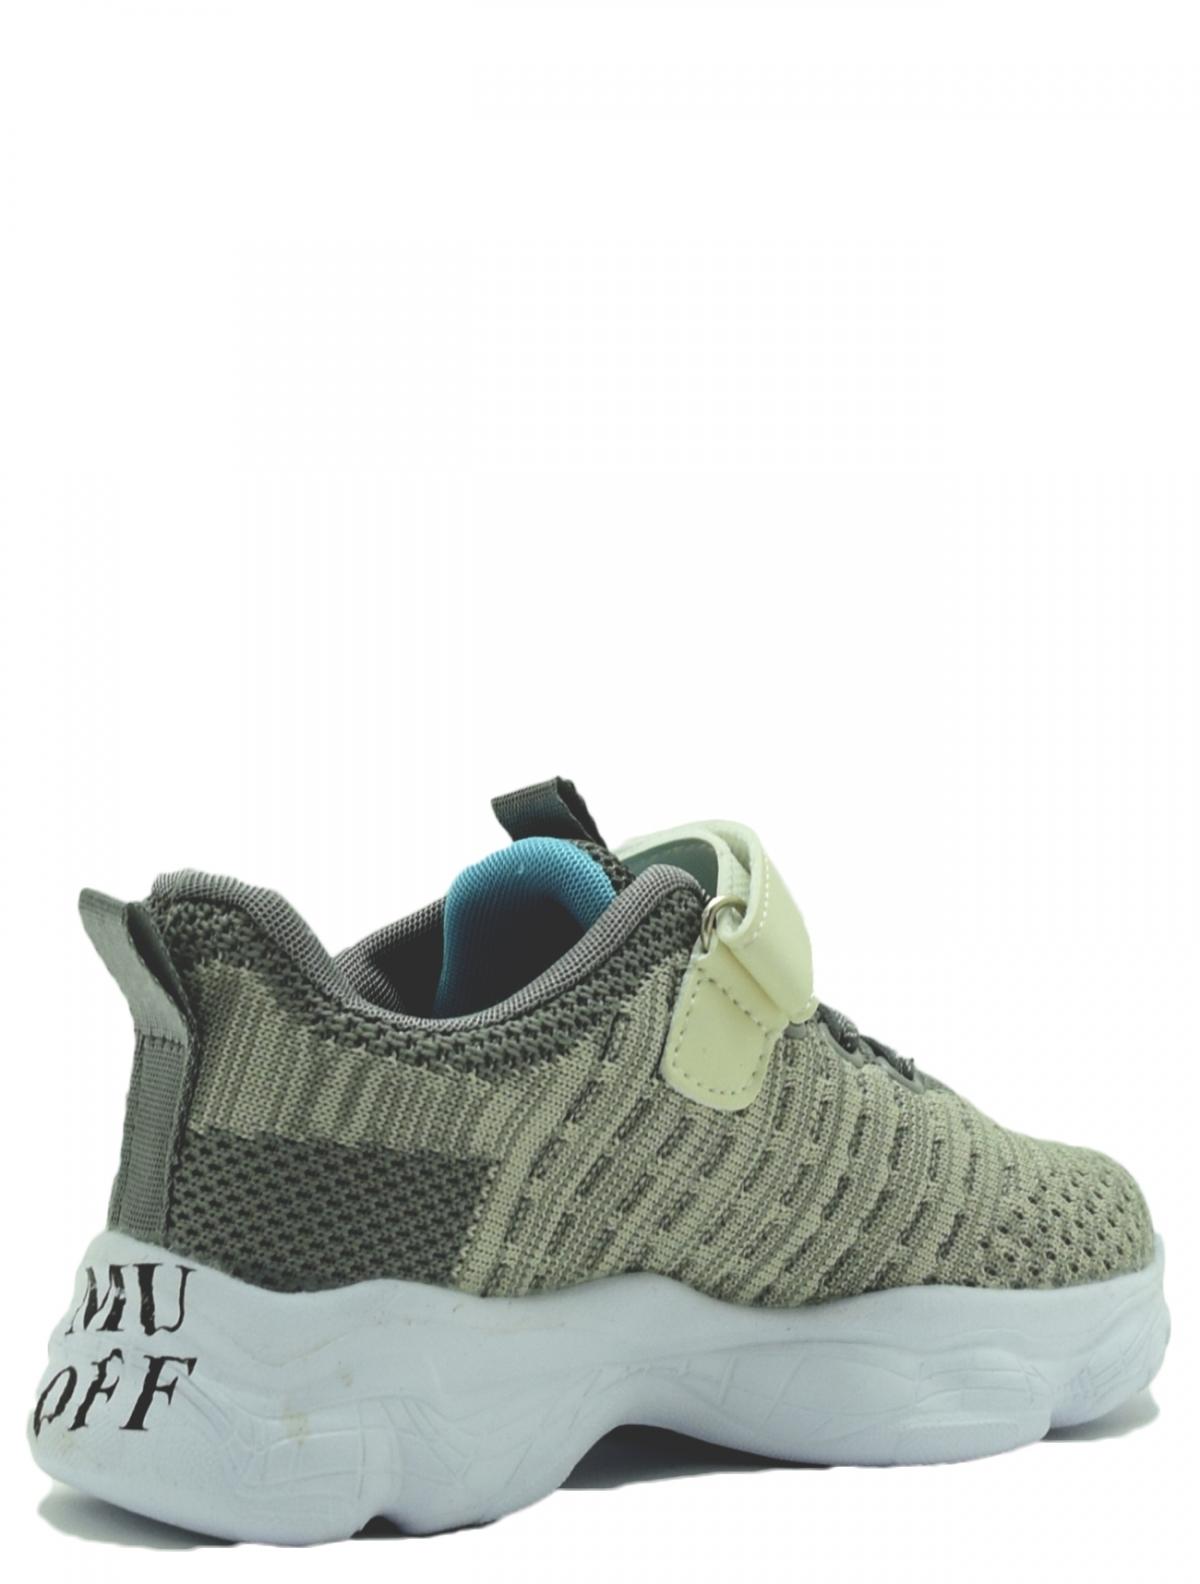 Adonis OK20-26 кроссовки для девочки